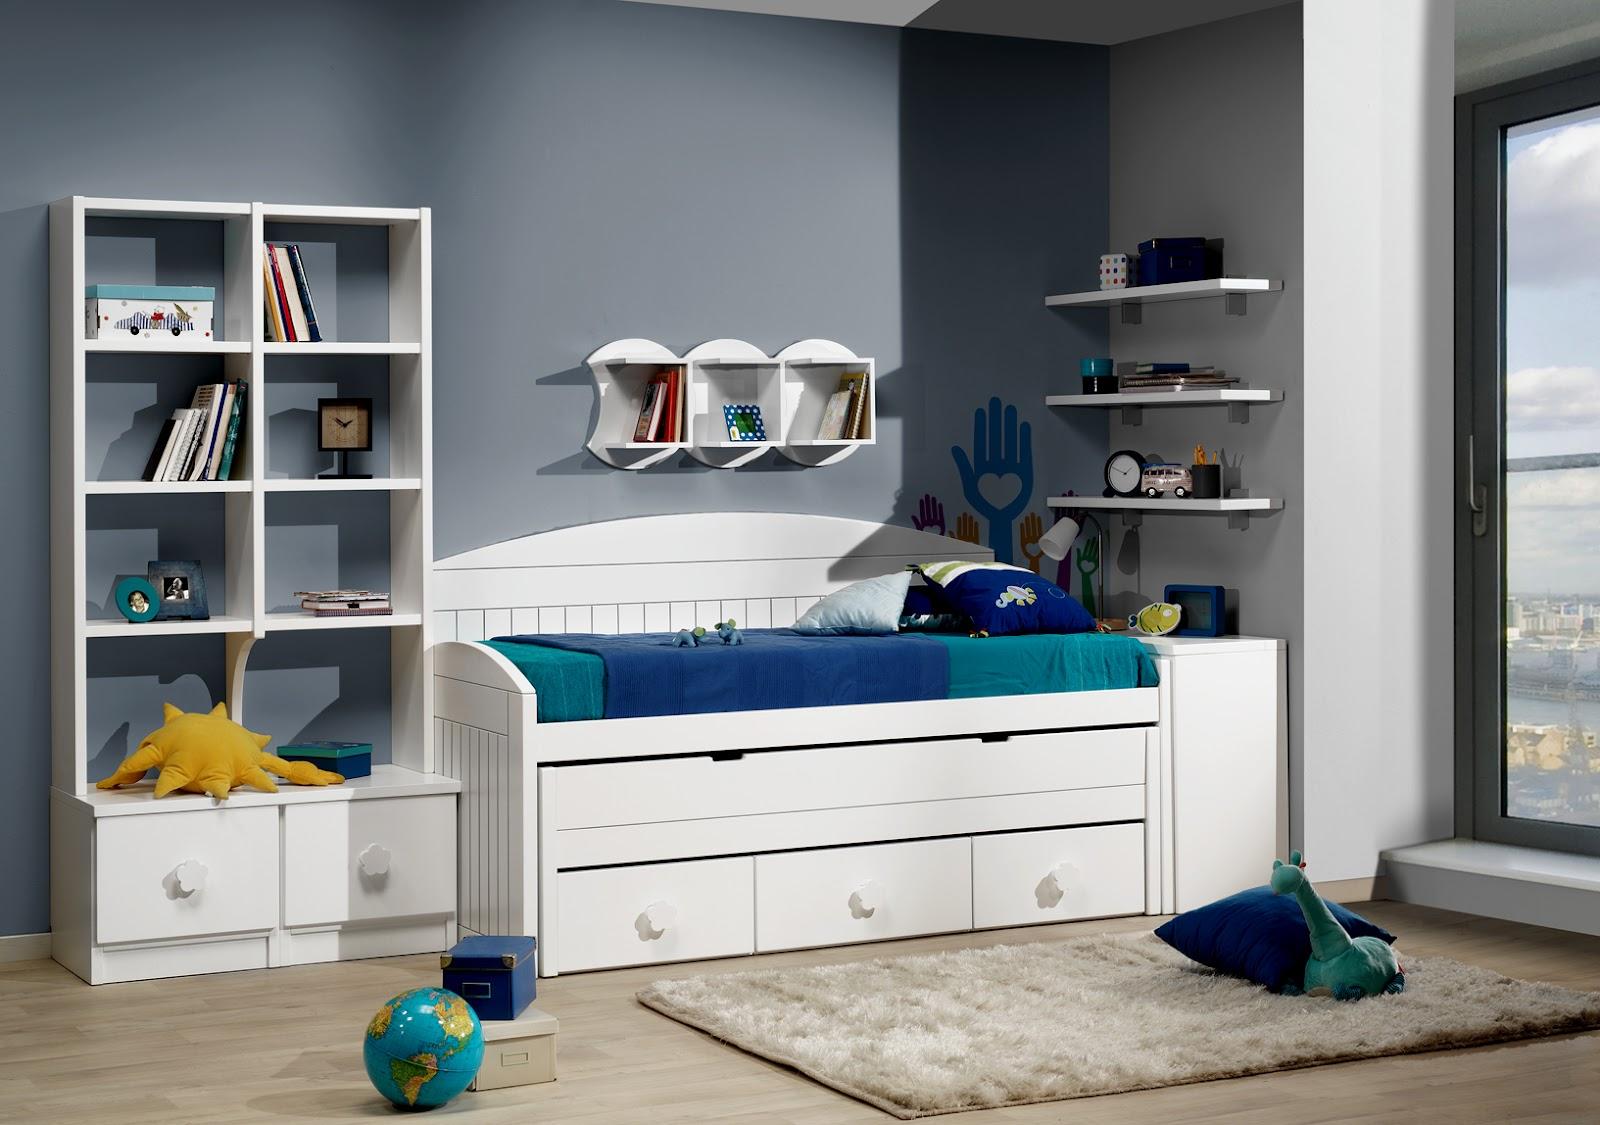 Dormitorio juvenil con cama compacto blanca con 3 cajones - Mueble infantil madrid ...